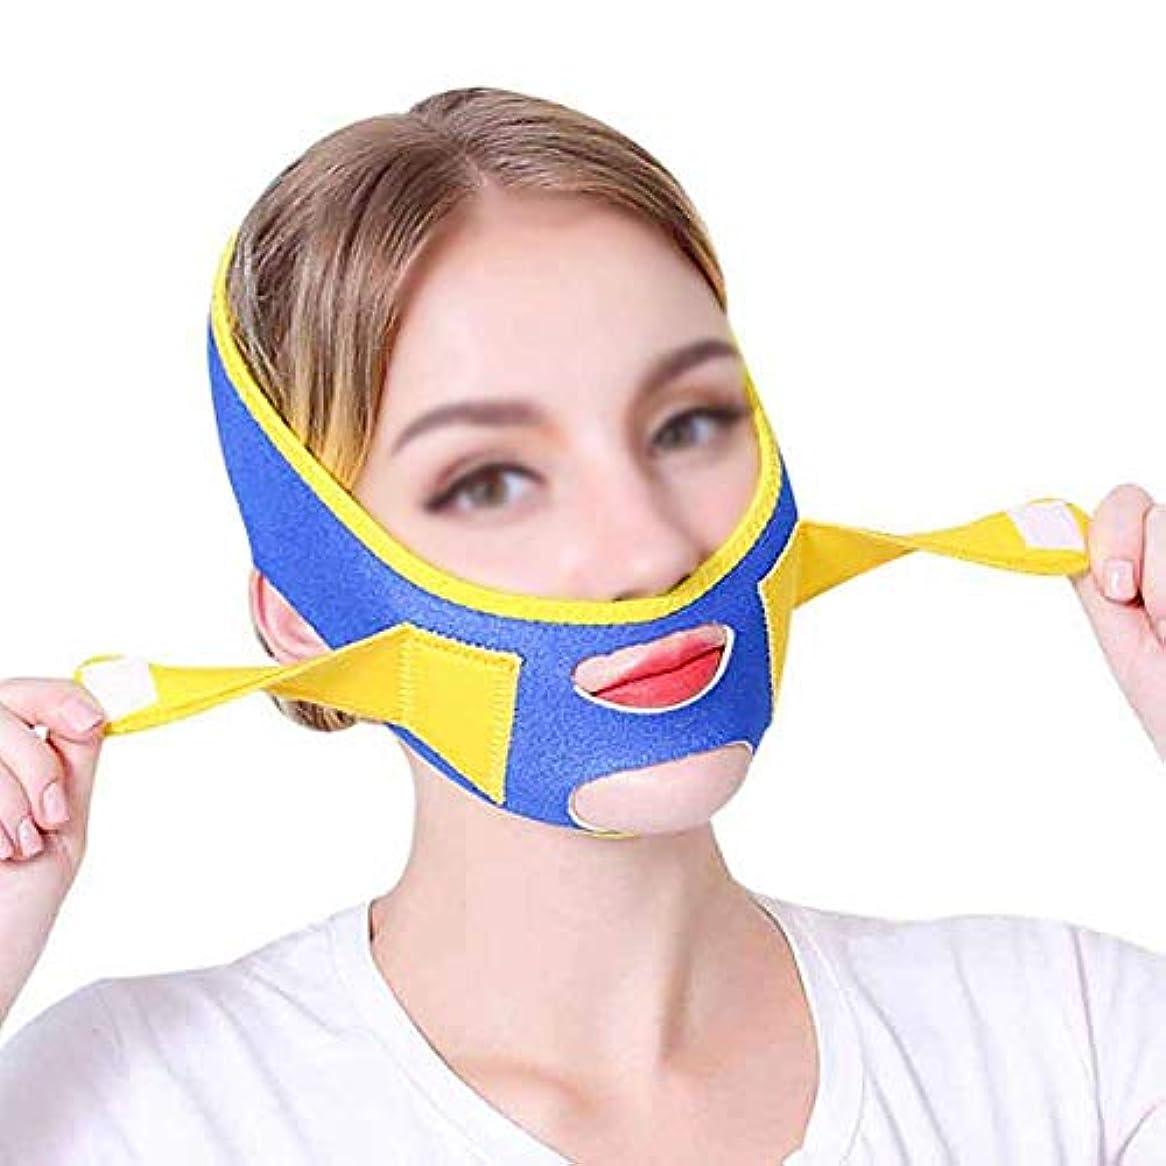 オーバーフローリダクターぜいたくフェイスリフトマスク、あごストラップ回復包帯シンフェイスマスクVフェイスステッカーフェイスリフトステッカー韓国本物のリフティングファーミングリフト整形薄型ダブルチンフェイスリフト睡眠包帯アーティファクト